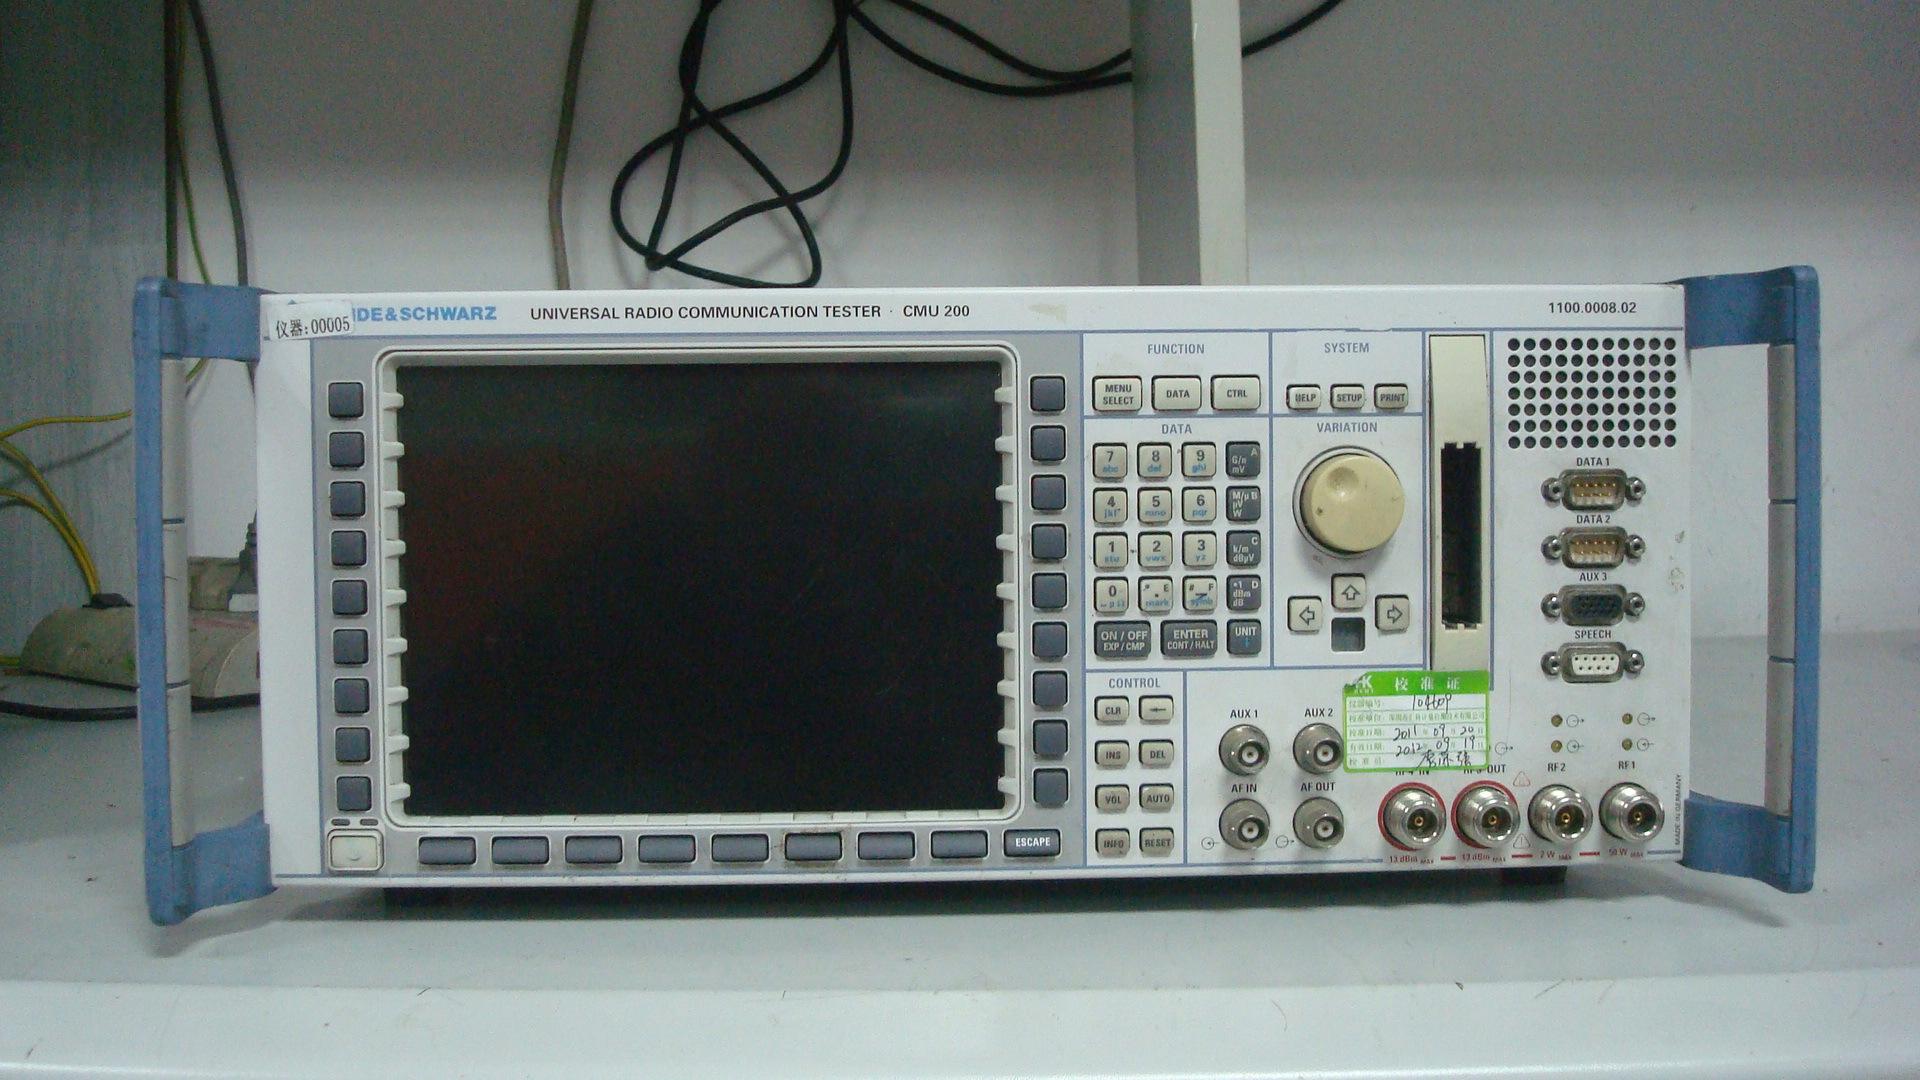 二手租赁CMU200无线通信测试仪